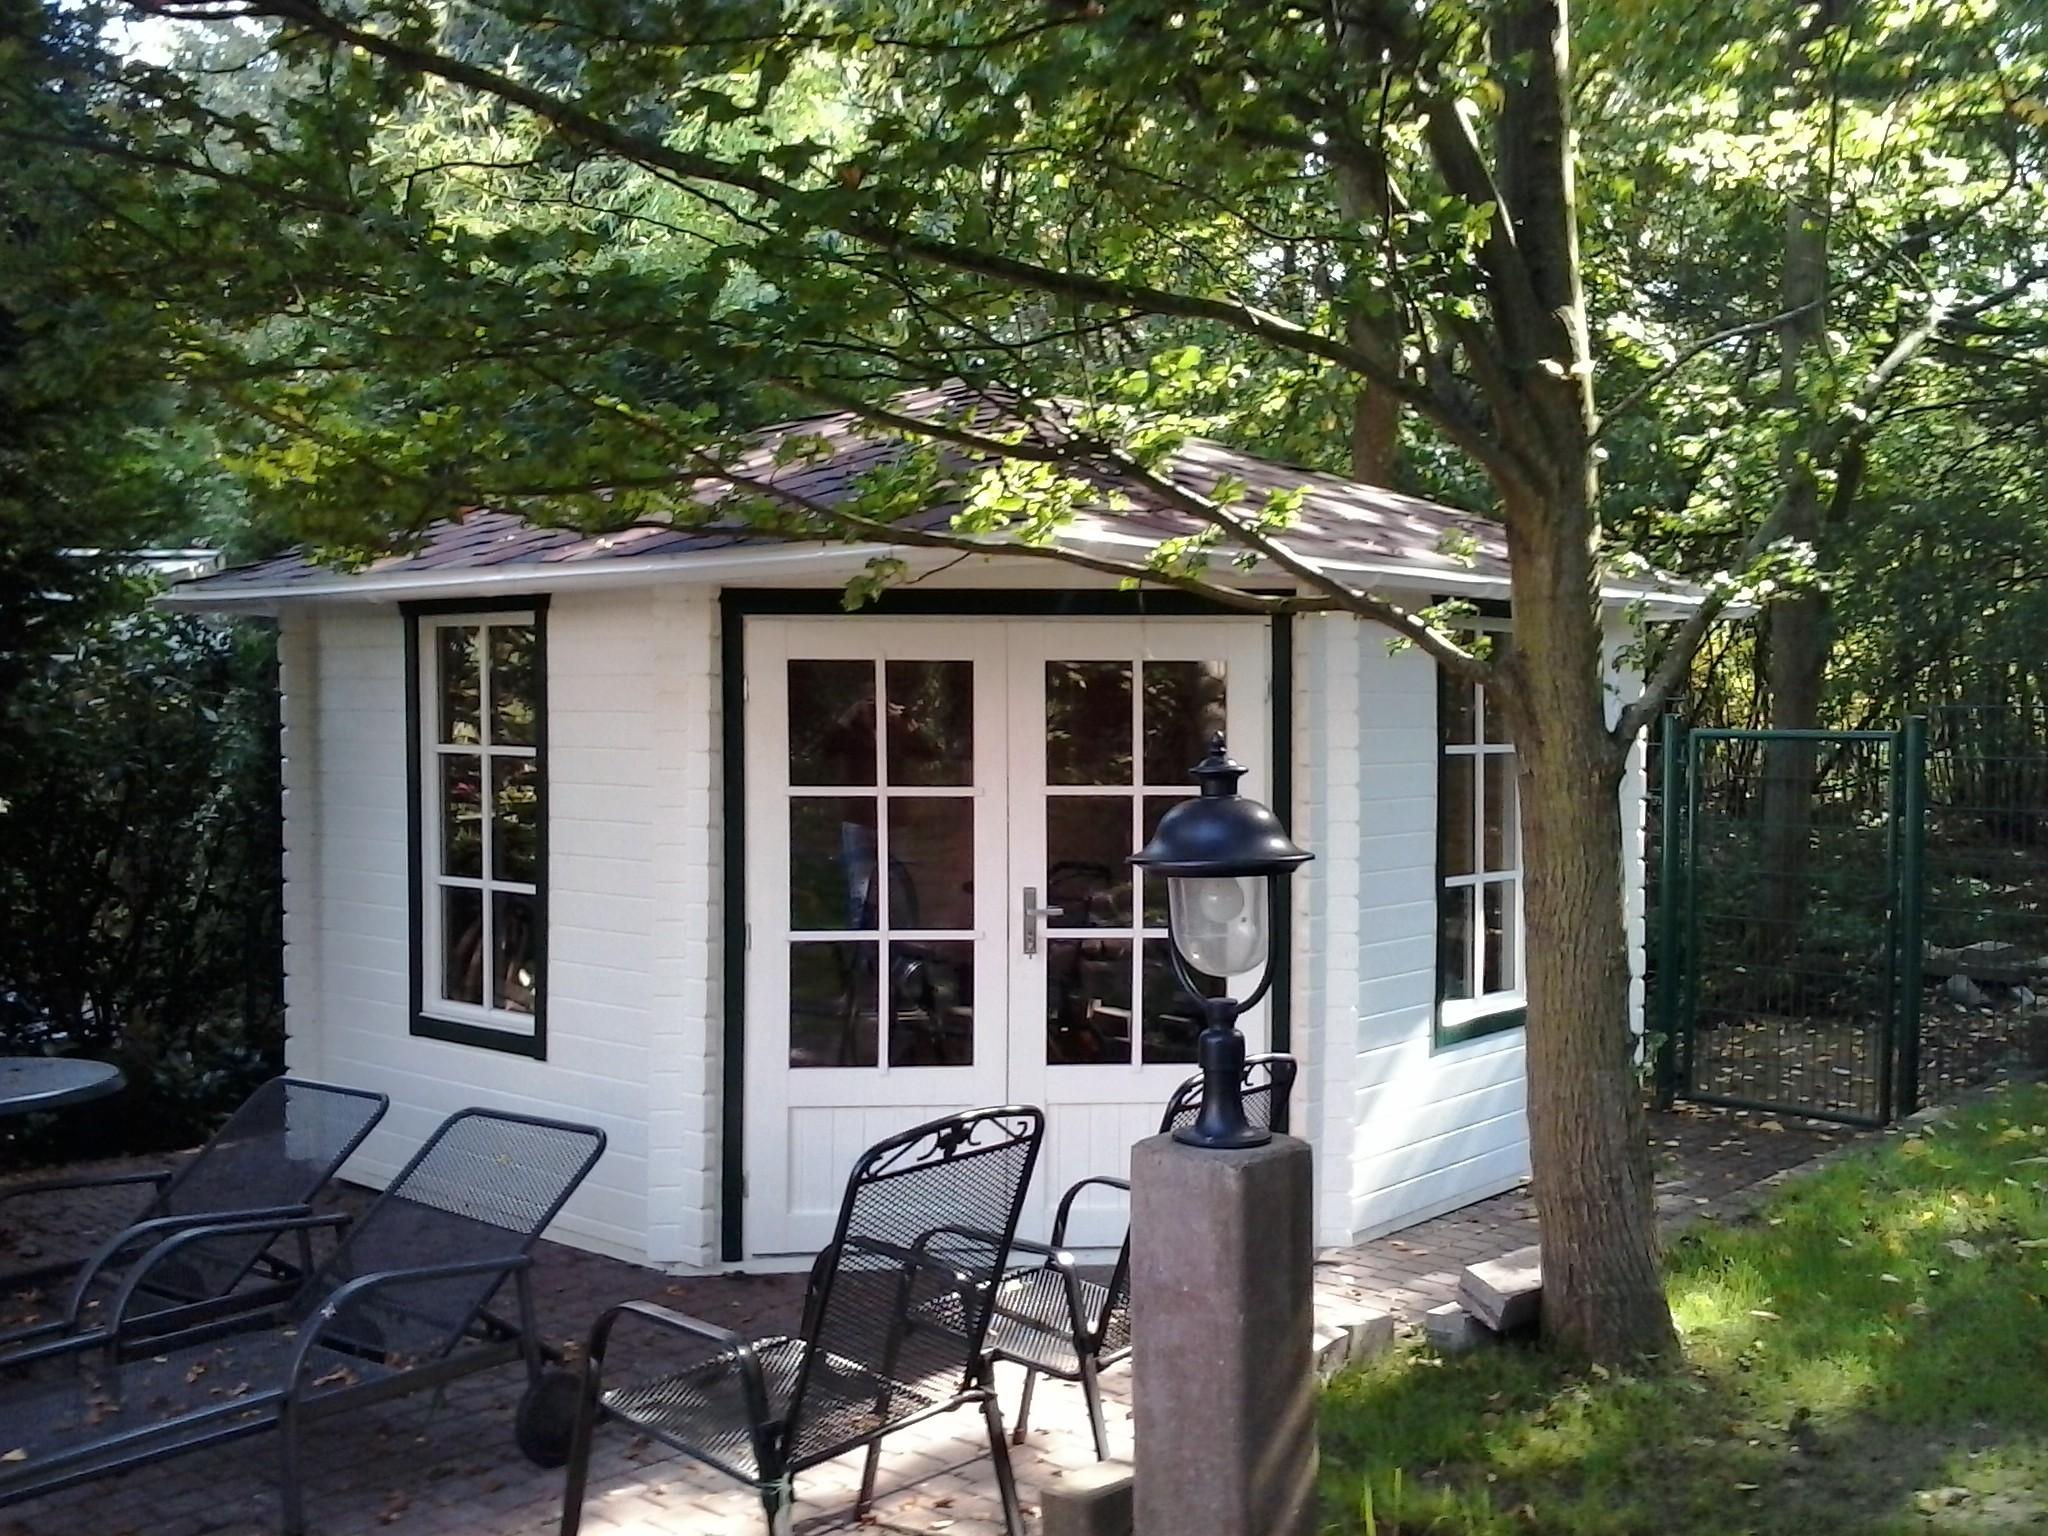 5 eck gartenhaus 40 mm nwh kleve 40020 naturholz gartenhaus. Black Bedroom Furniture Sets. Home Design Ideas